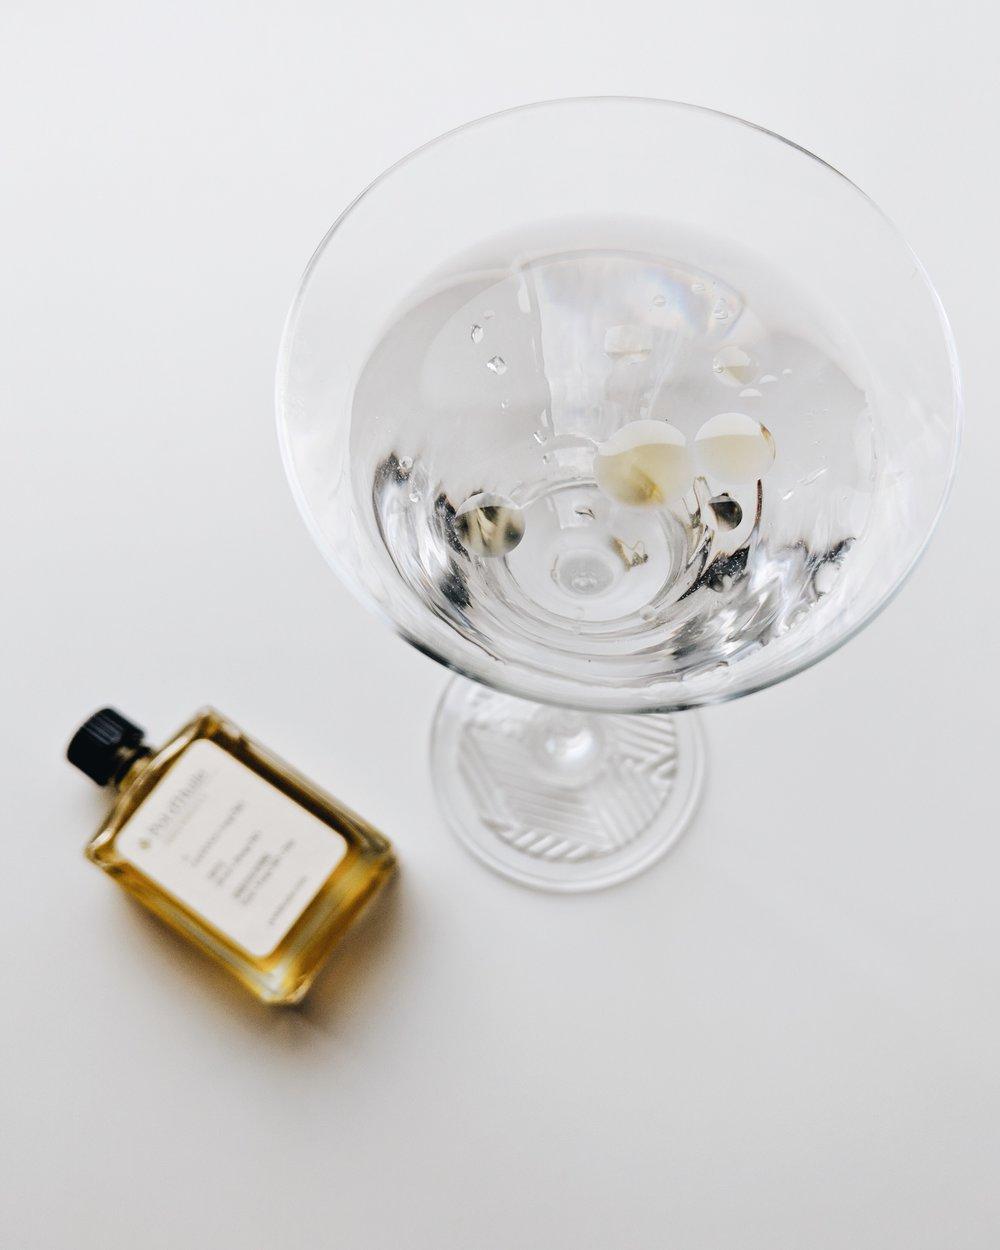 Olive_Oil_Martini.JPG